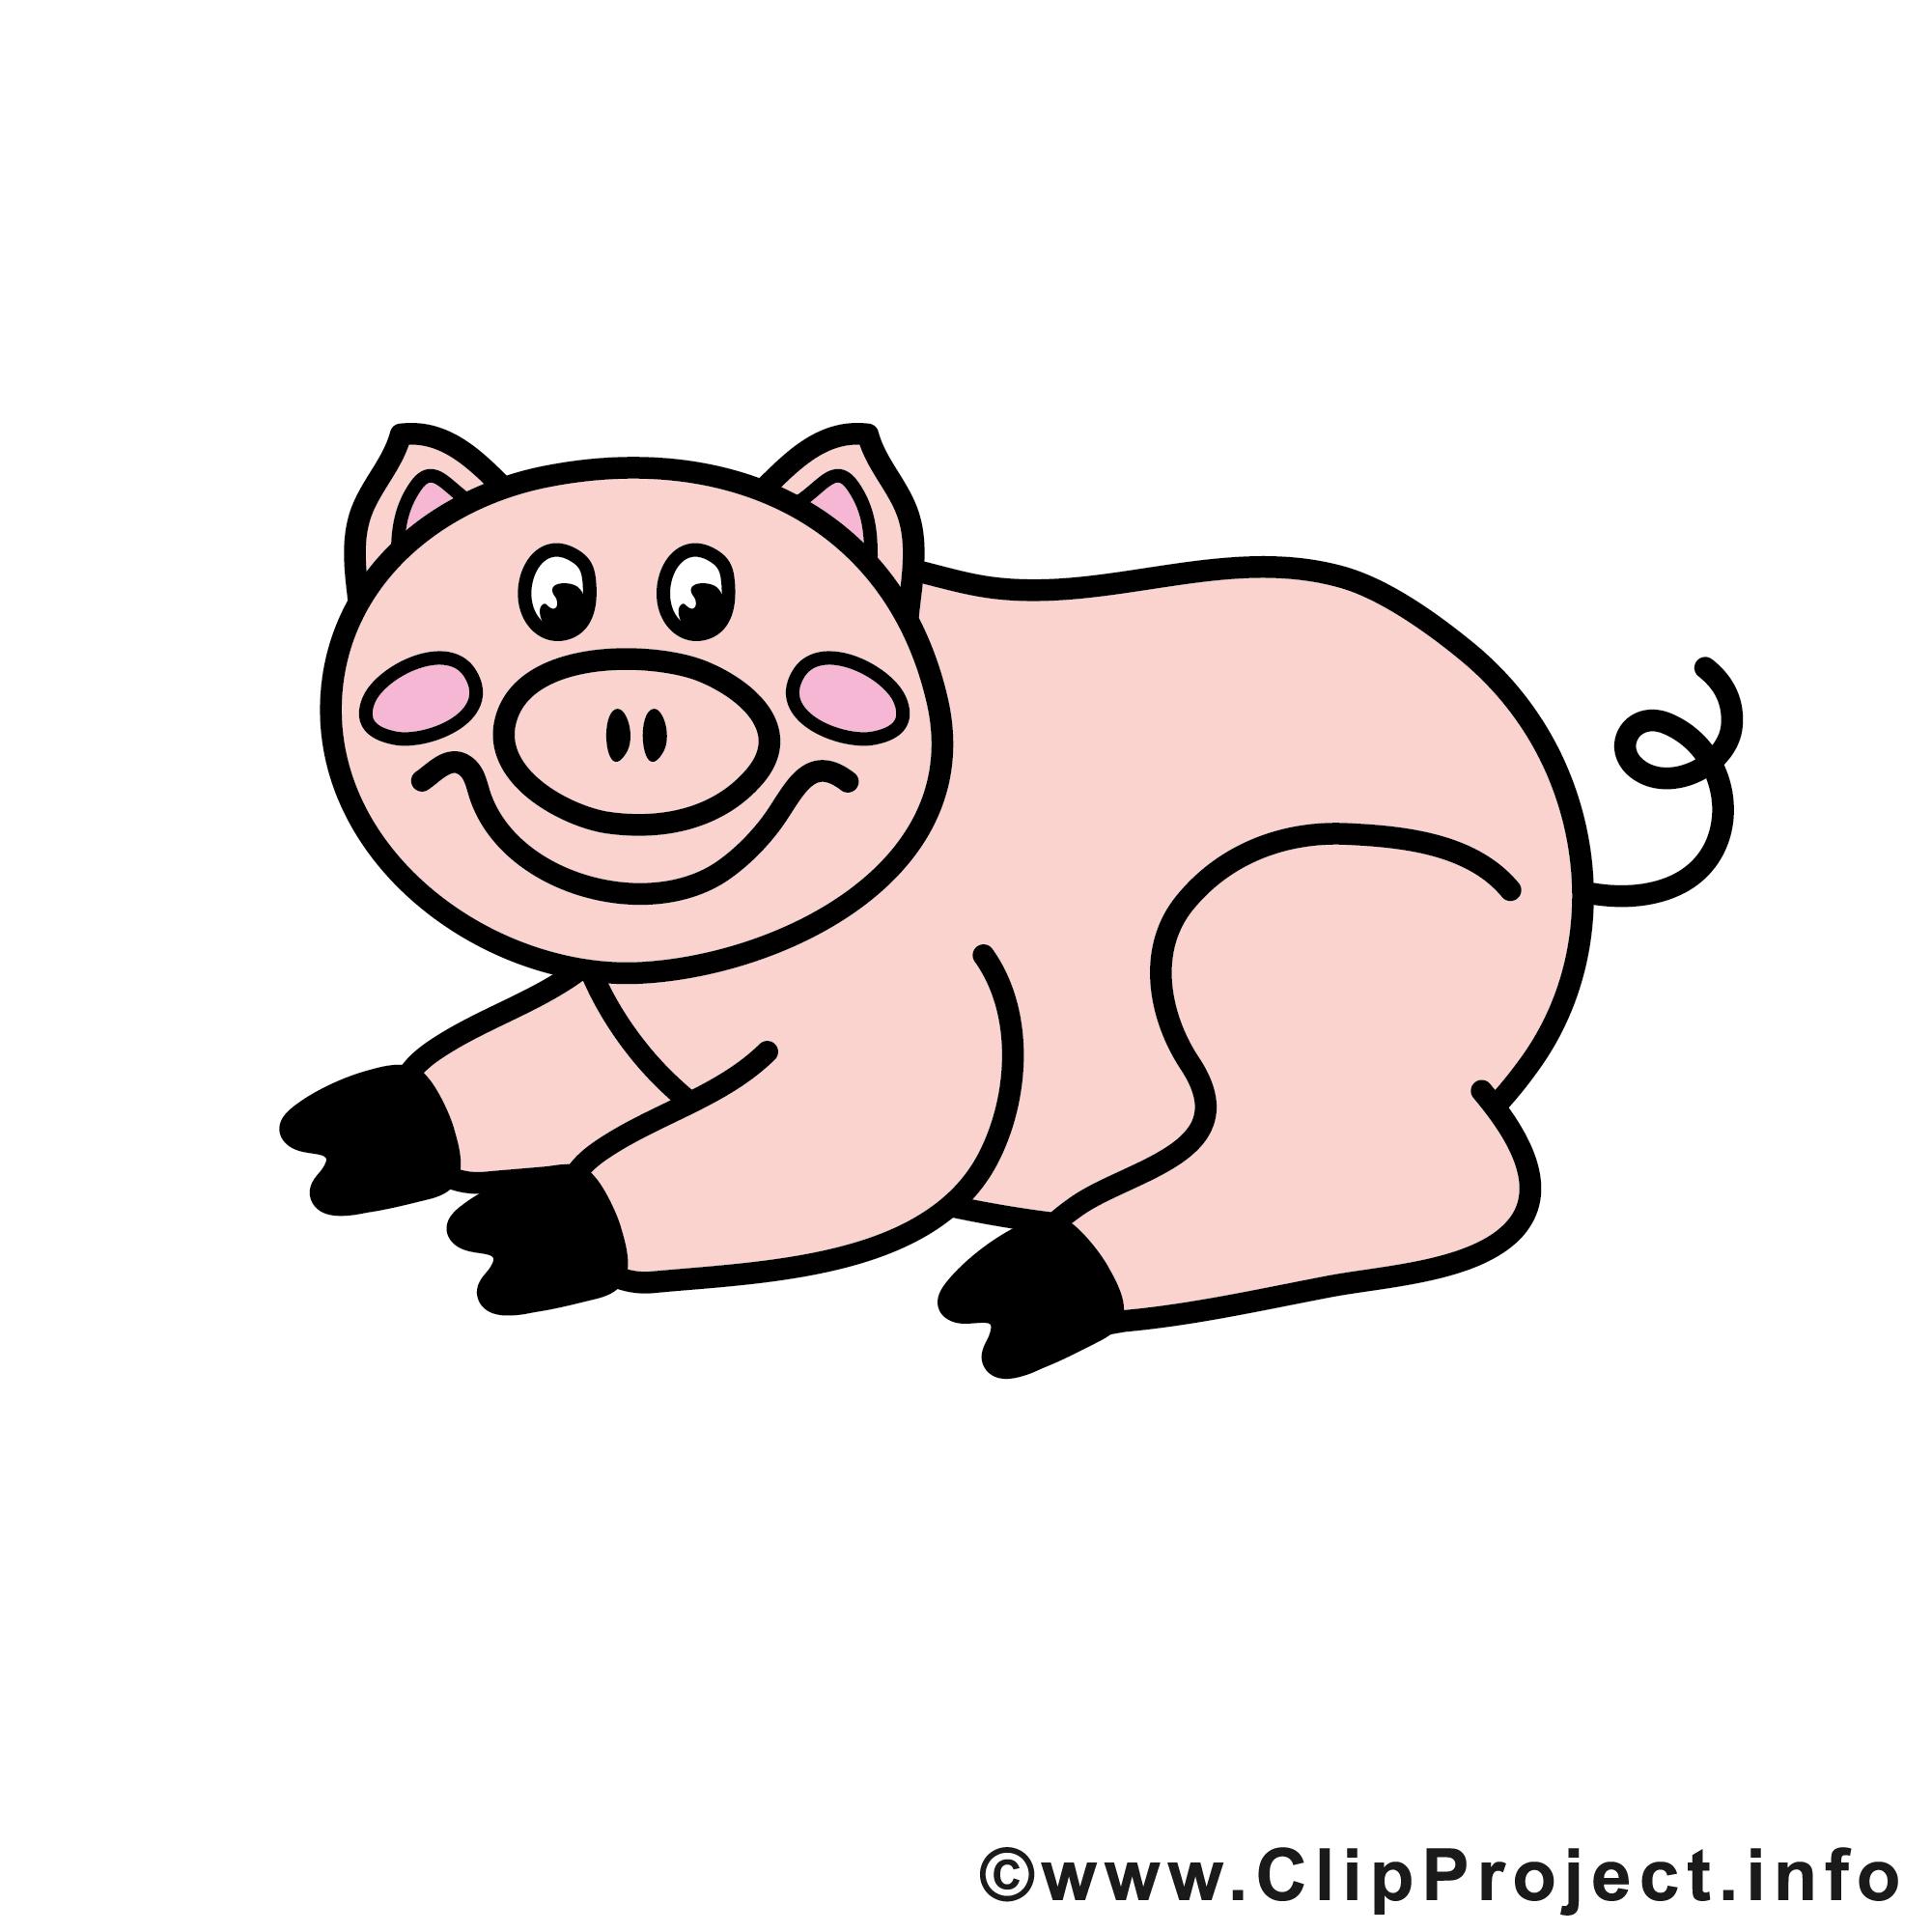 Cochon Images Ferme Clip Art Gratuit Ferme Dessin Picture Image Graphic Clip Art Telecharger Gratuit